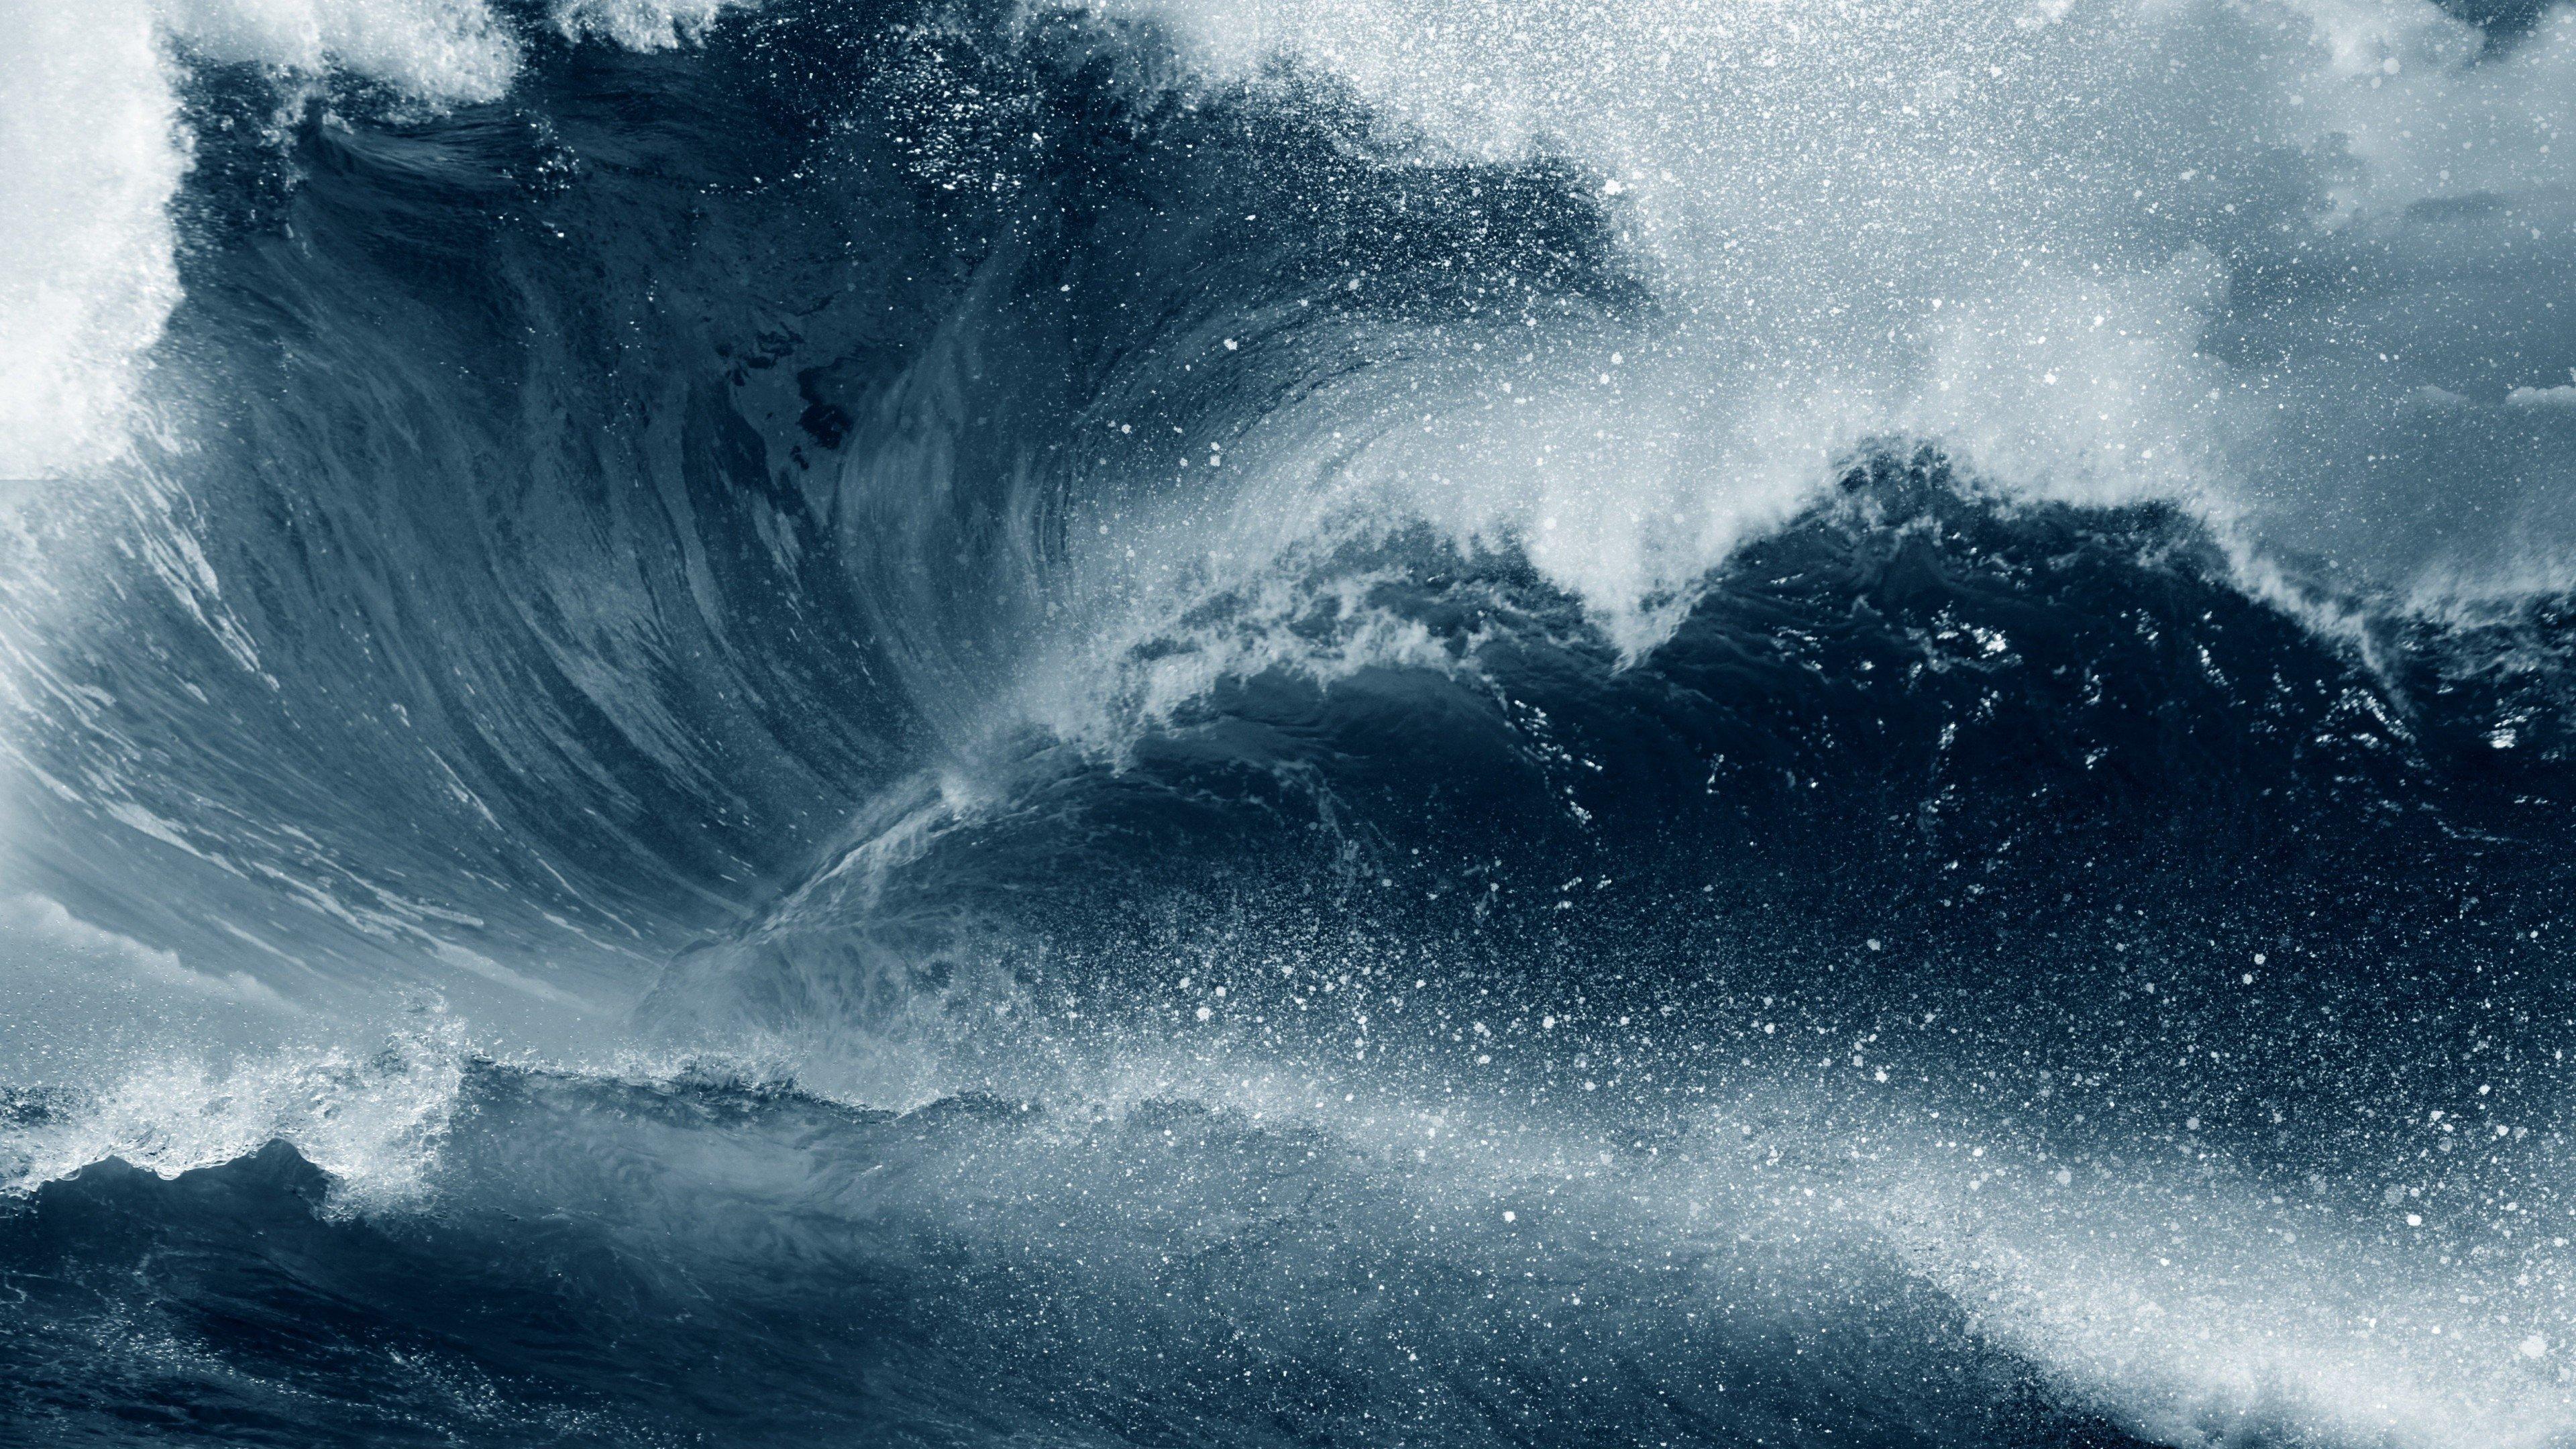 Fondos de pantalla Ola en el océano durante tormenta